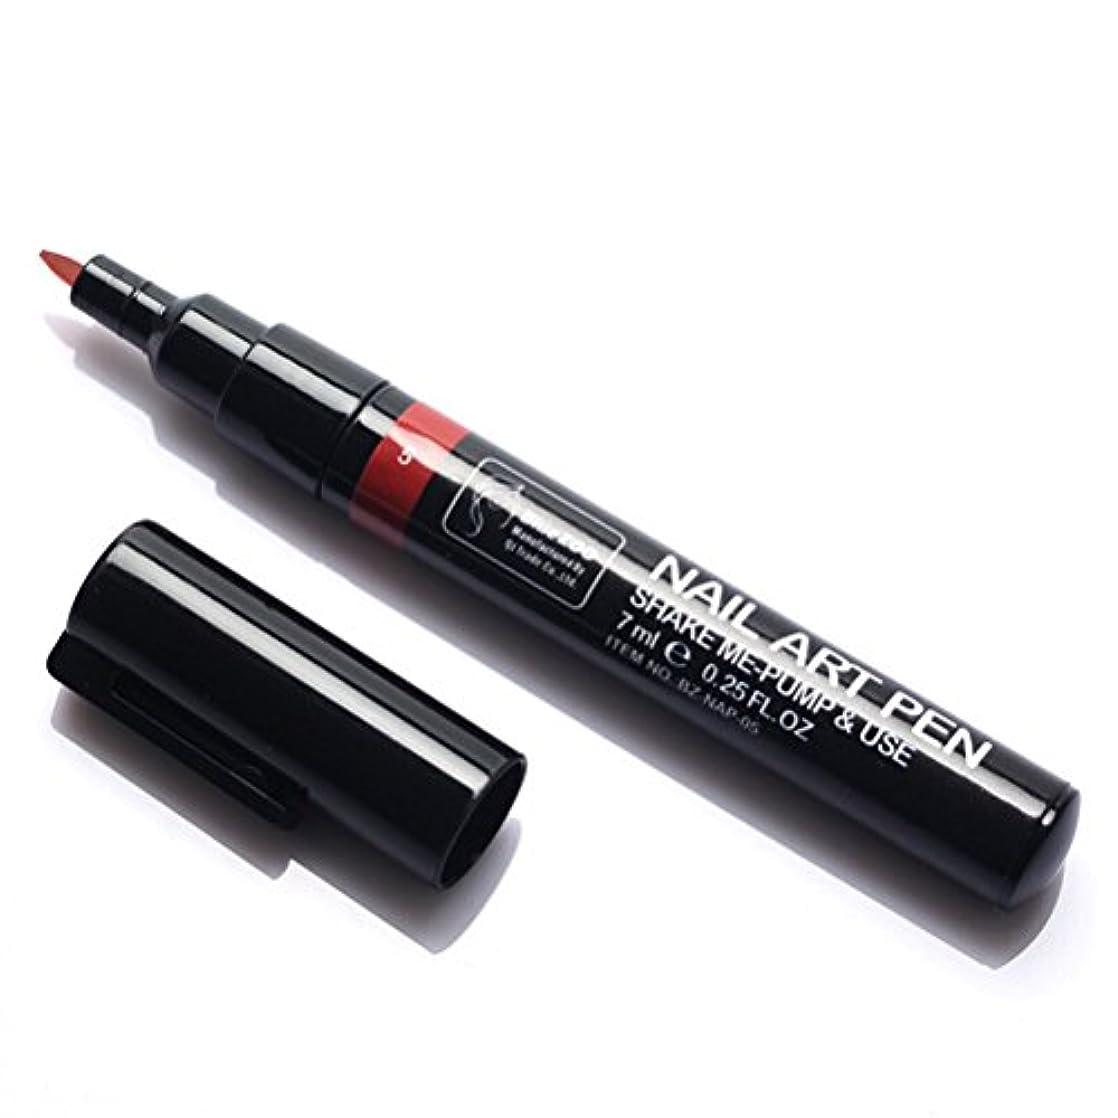 休憩する東慢性的(メイクアップエーシーシー) MakeupAcc カラーネイルアートペン 3Dネイルペン ネイルアートペン ネイルマニキュア液 ペイントペン ペイント 両用 DIY 16色 (赤い) [並行輸入品]